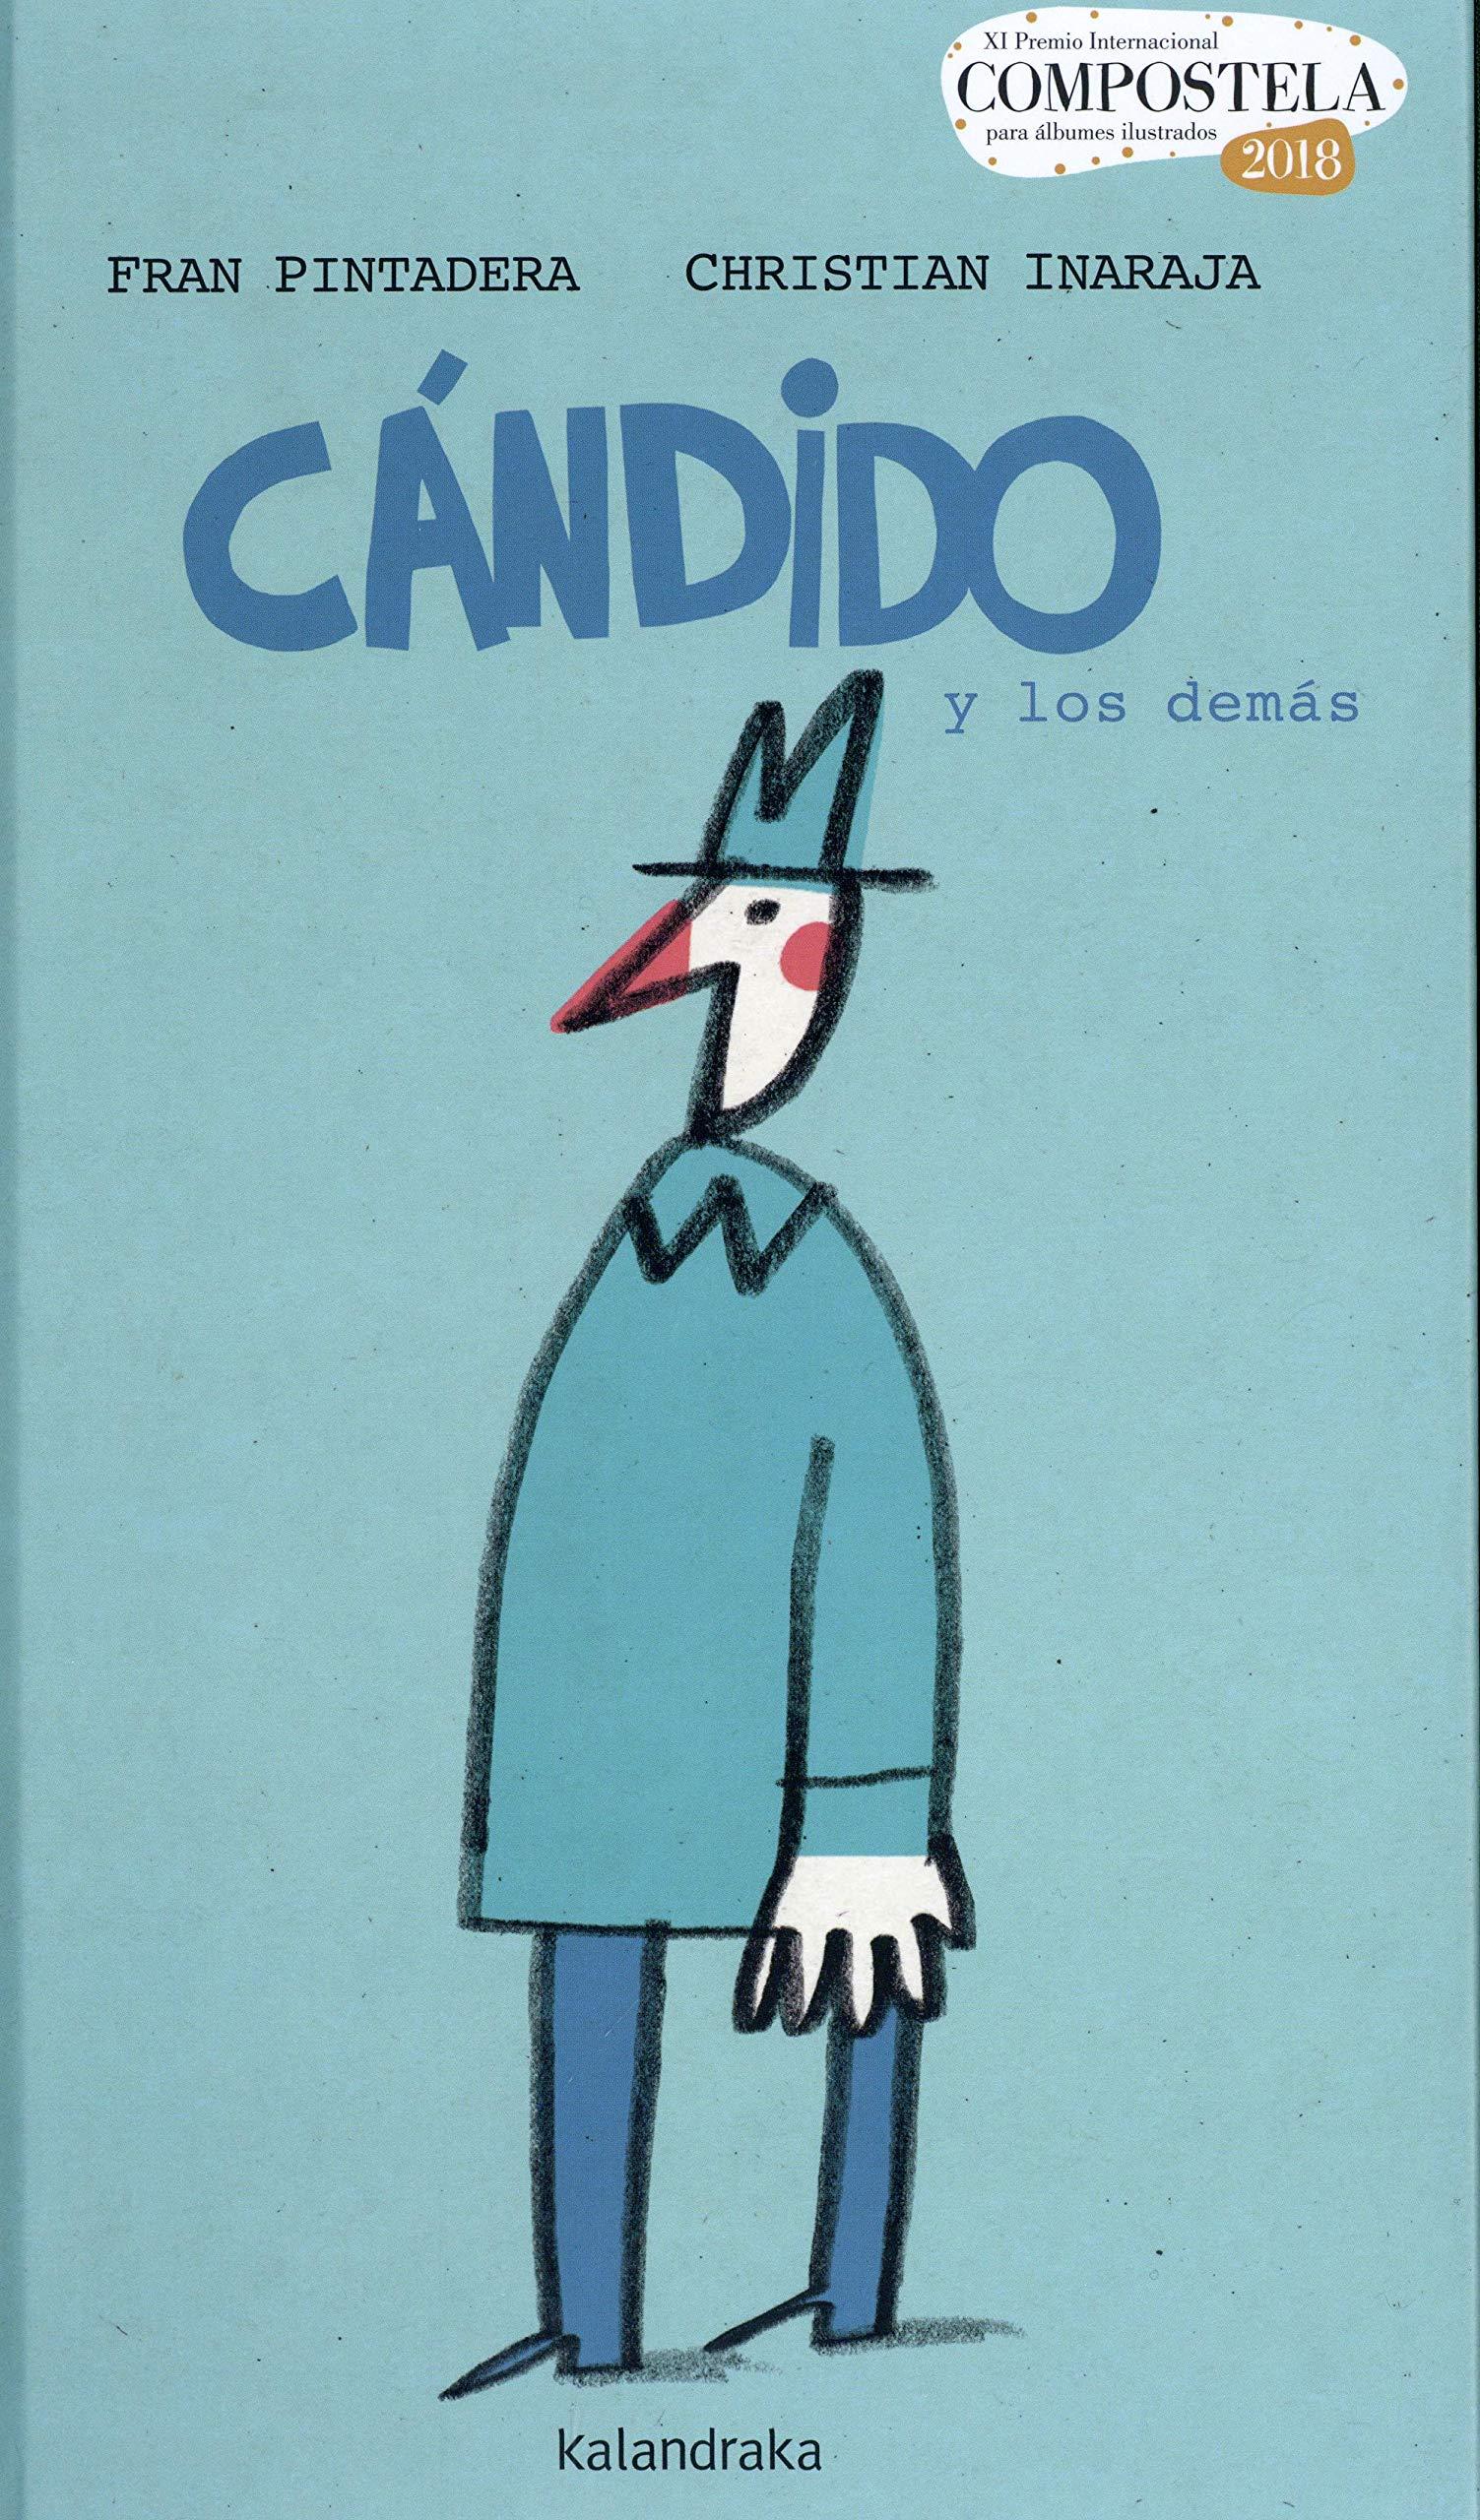 Cándido y los demás (Premio Compostela) (Spanish Edition): Pintadera, Fran,  Inaraja, Christian: 9788484644217: Amazon.com: Books